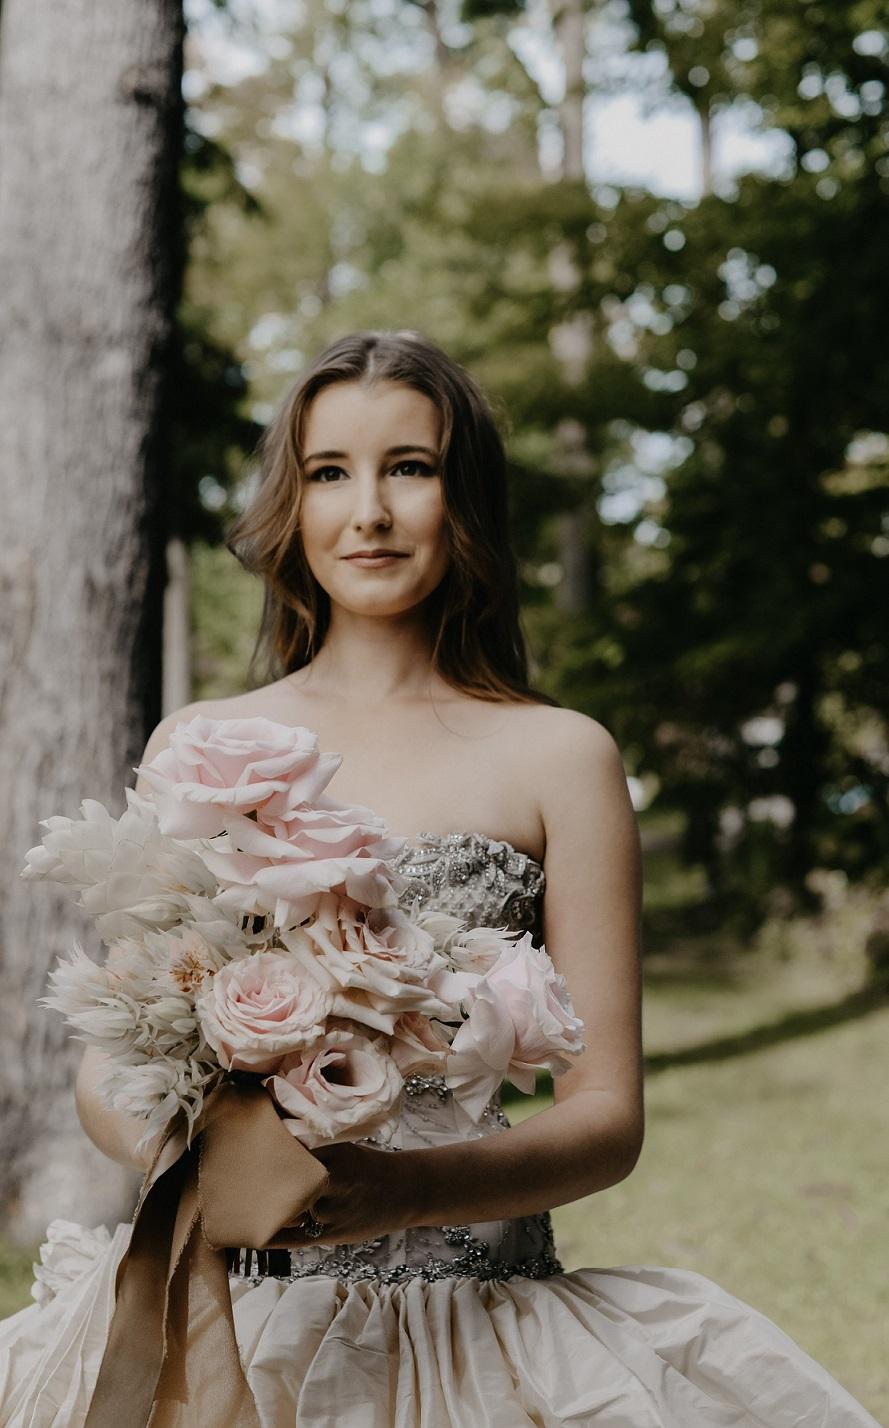 Πότε να ράψω το νυφικό μου - Atelier Tsourani - beautiful wedding dress